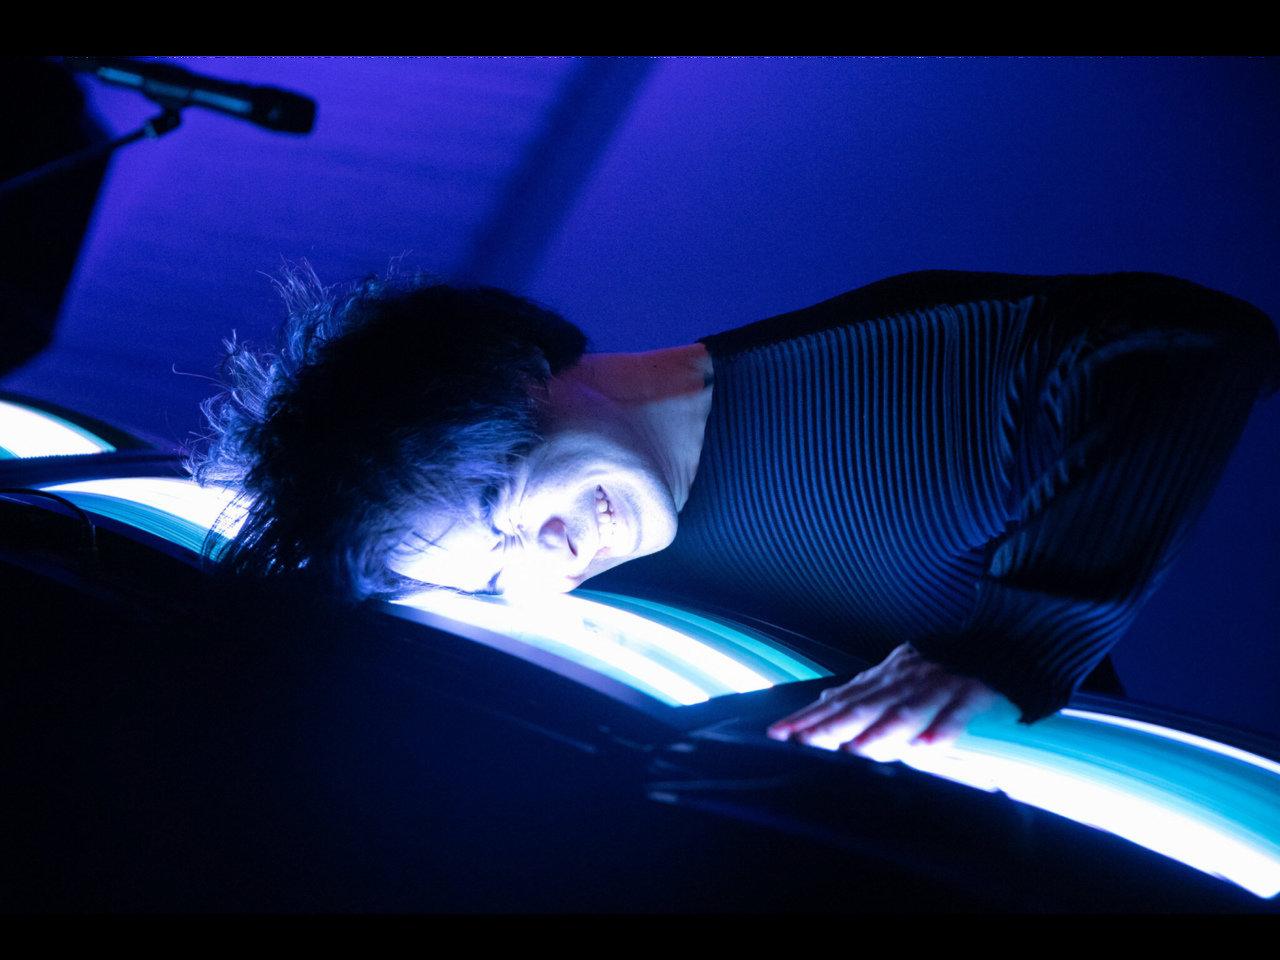 ステイホームでも、ローカルも、ワールドも、オンラインでつなぐ『電磁盆踊り』。